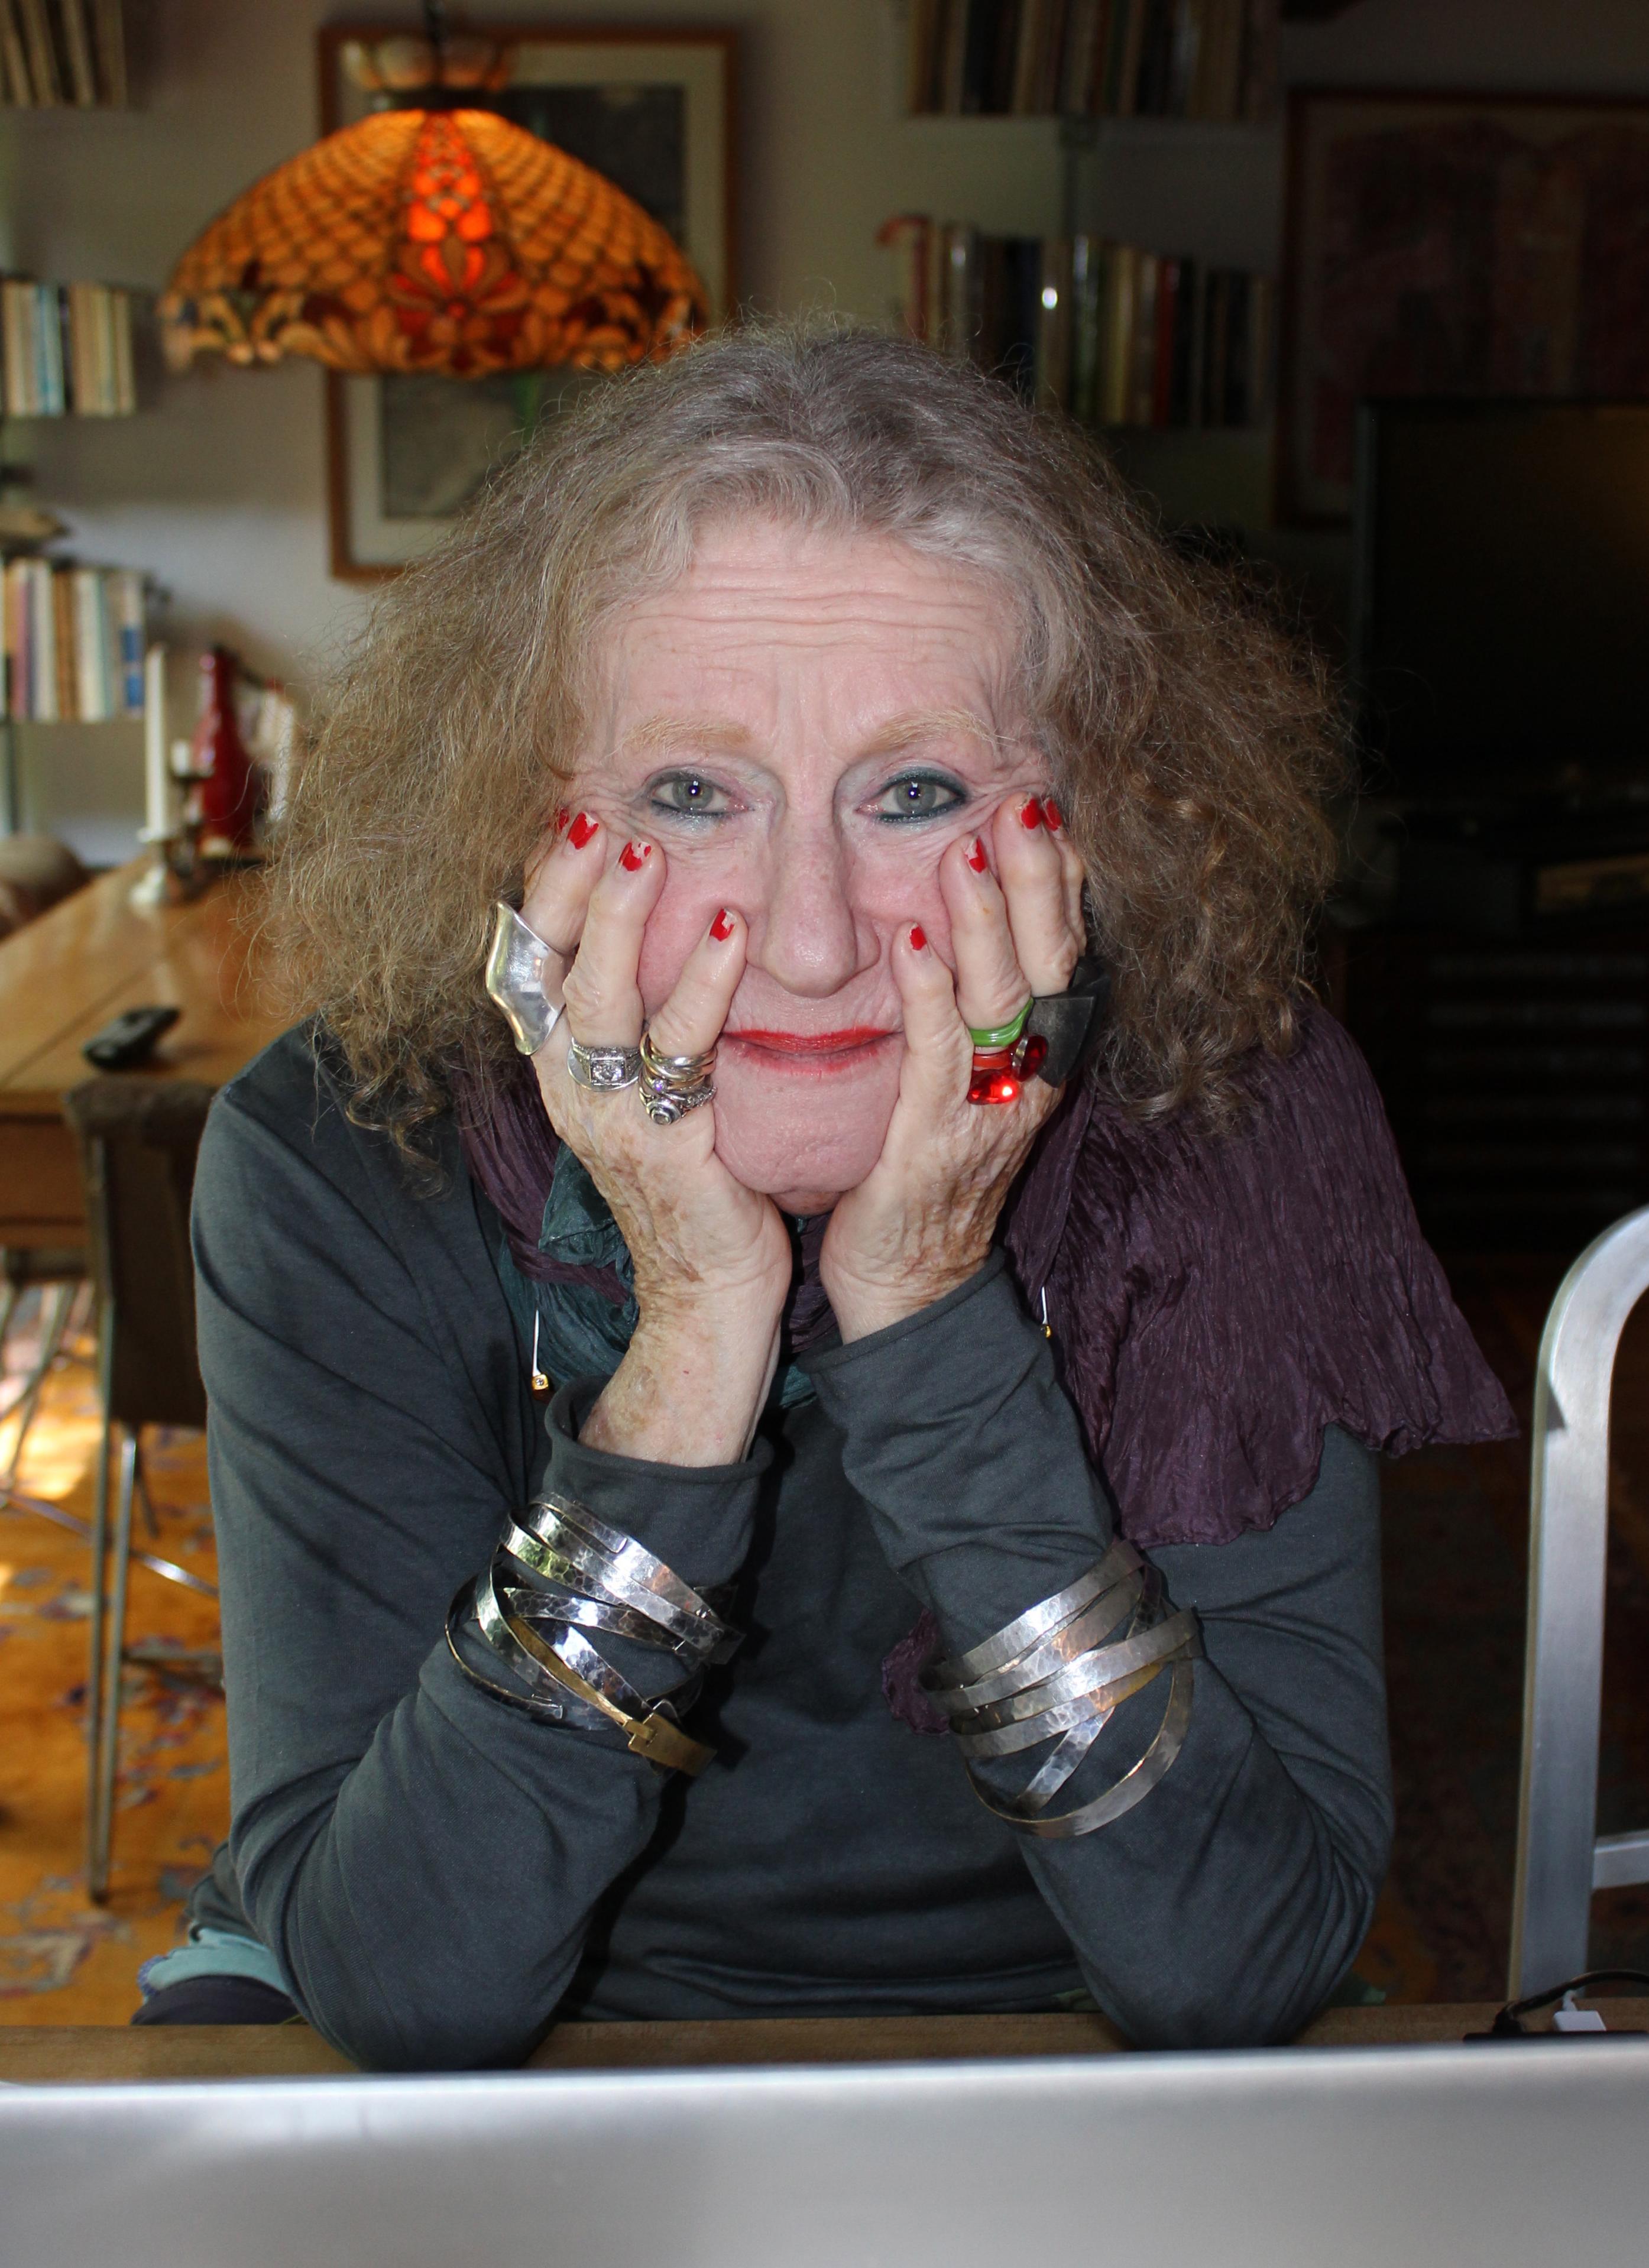 Image of Lisl Steiner from Wikidata